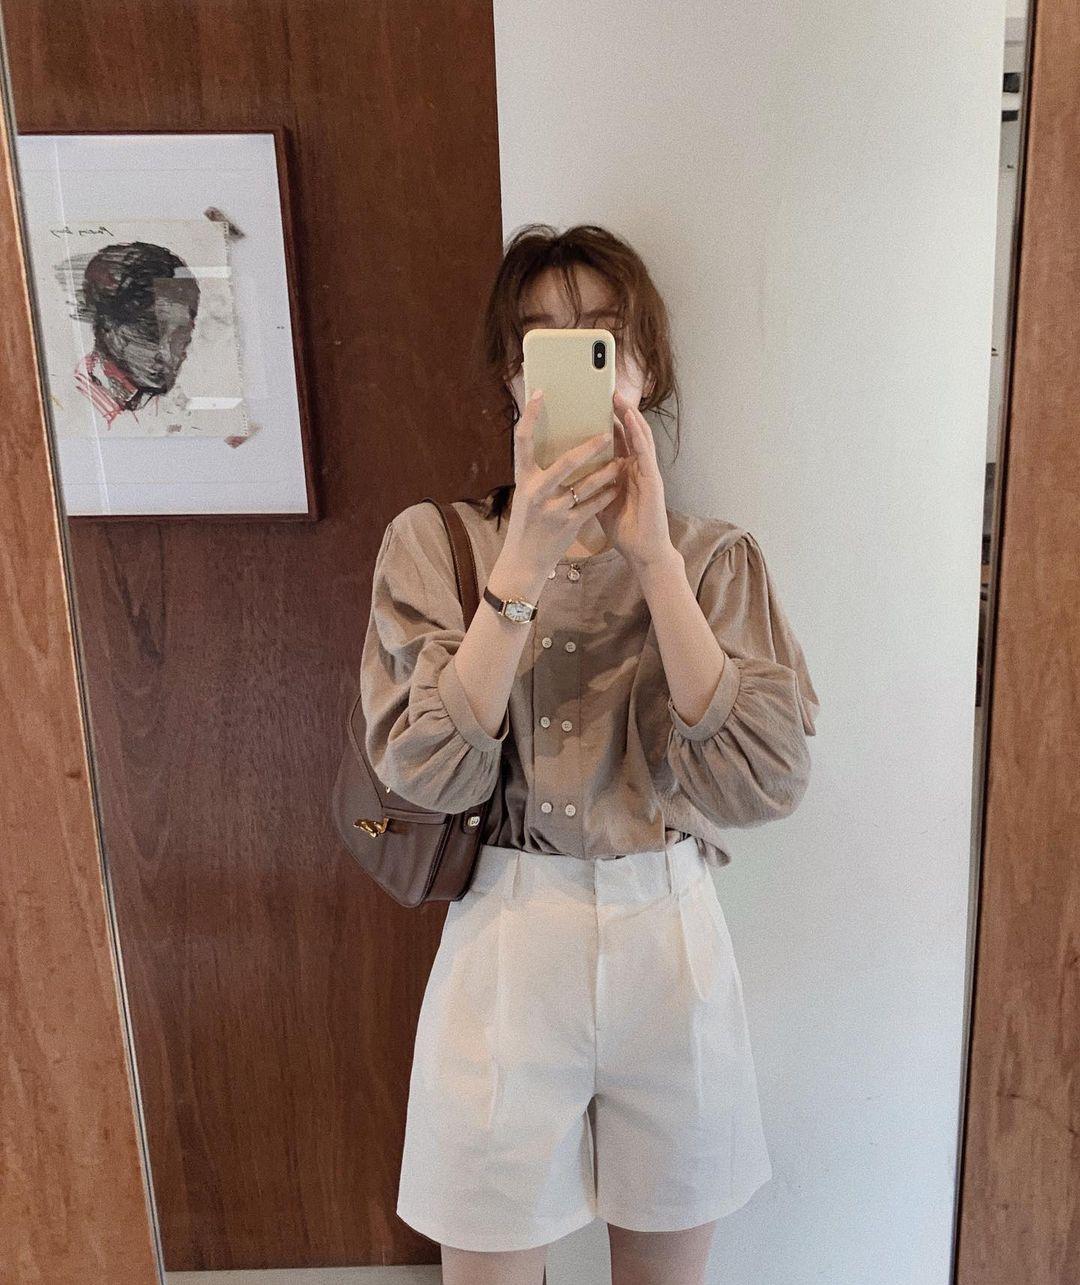 Gái Hàn có 12 cách lên đồ với áo blouse đẹp mê, xem xong là muốn copy đến sở làm liền - Ảnh 7.